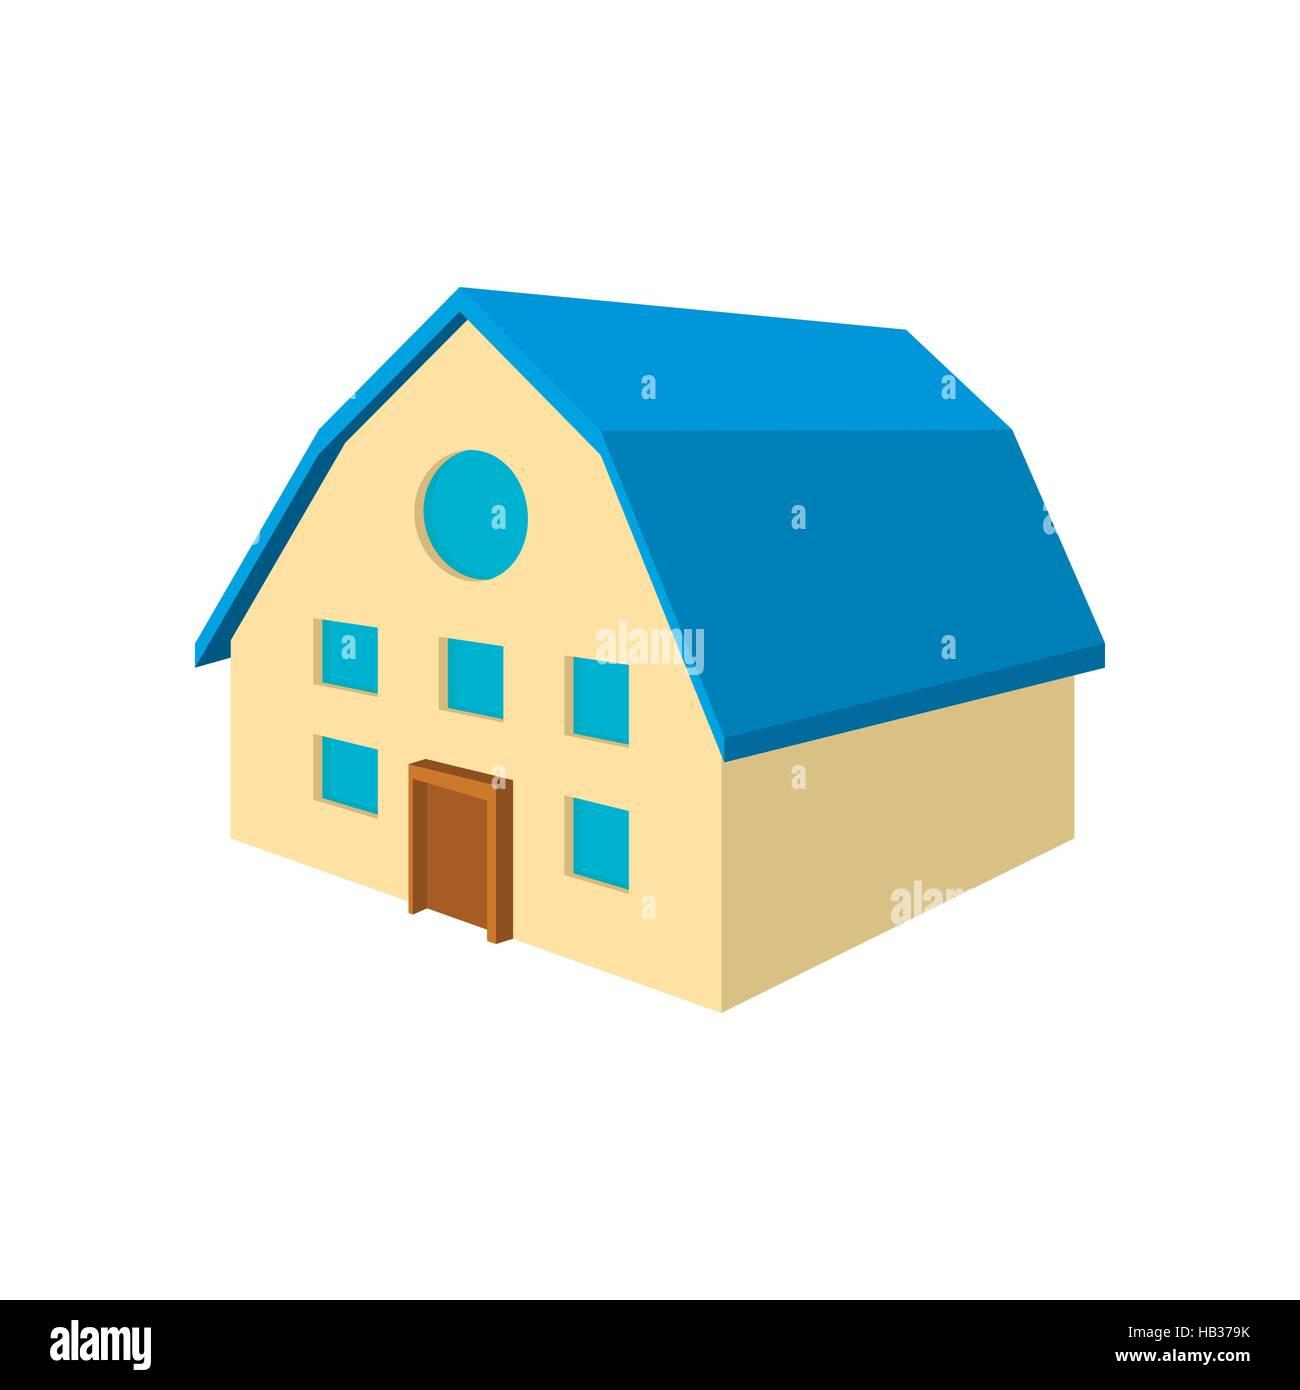 toit de maison dessin Maison à deux étages avec toit bleu icône dessin animé